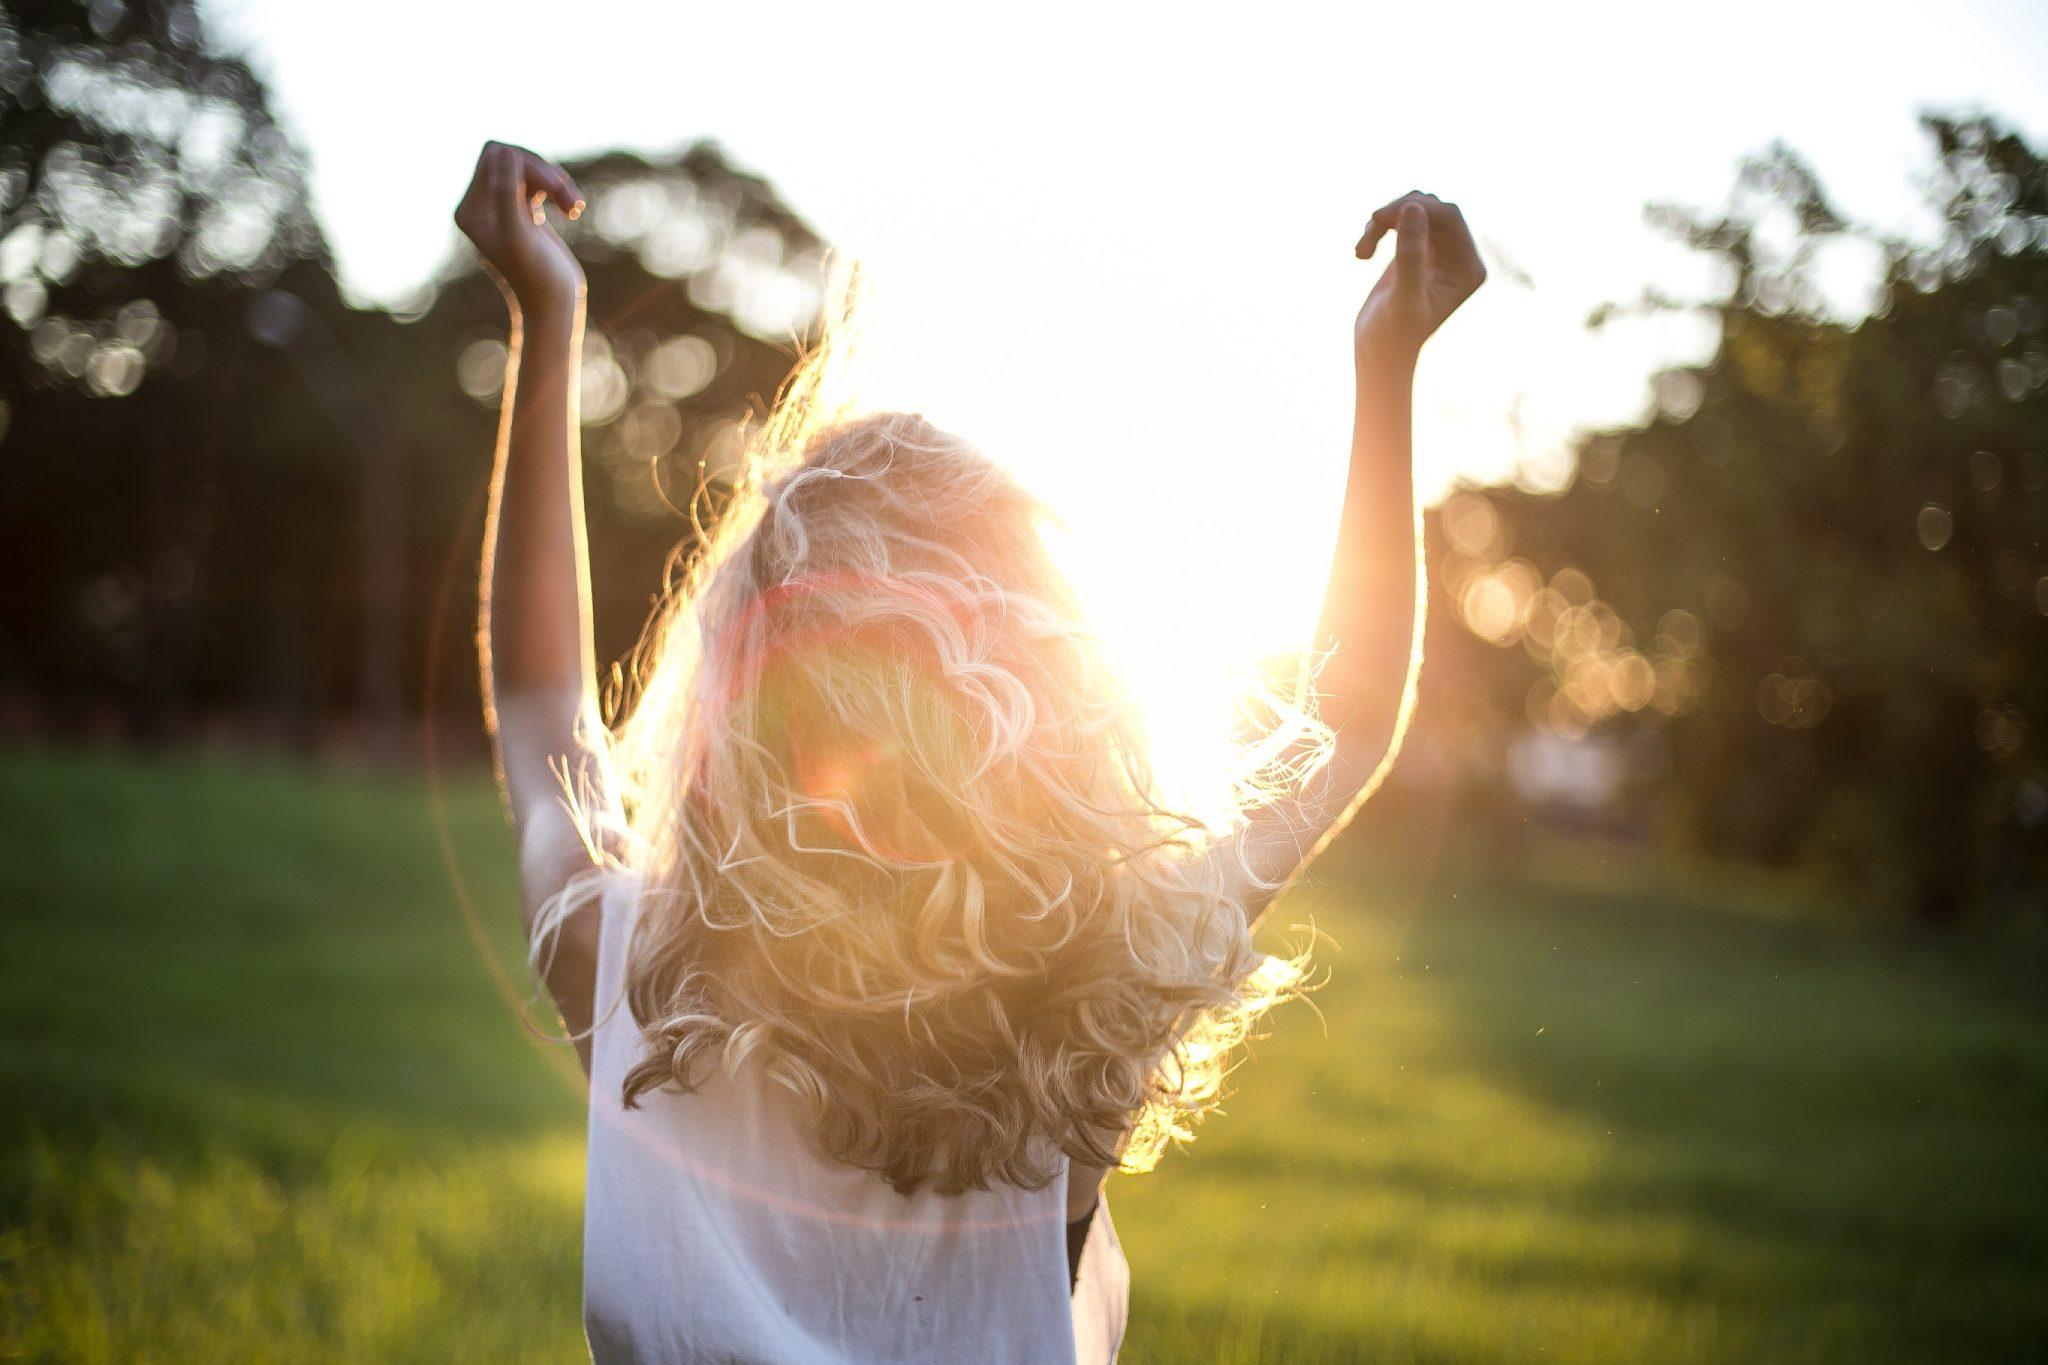 Creëer jouw ideale omgeving | Zelfliefde